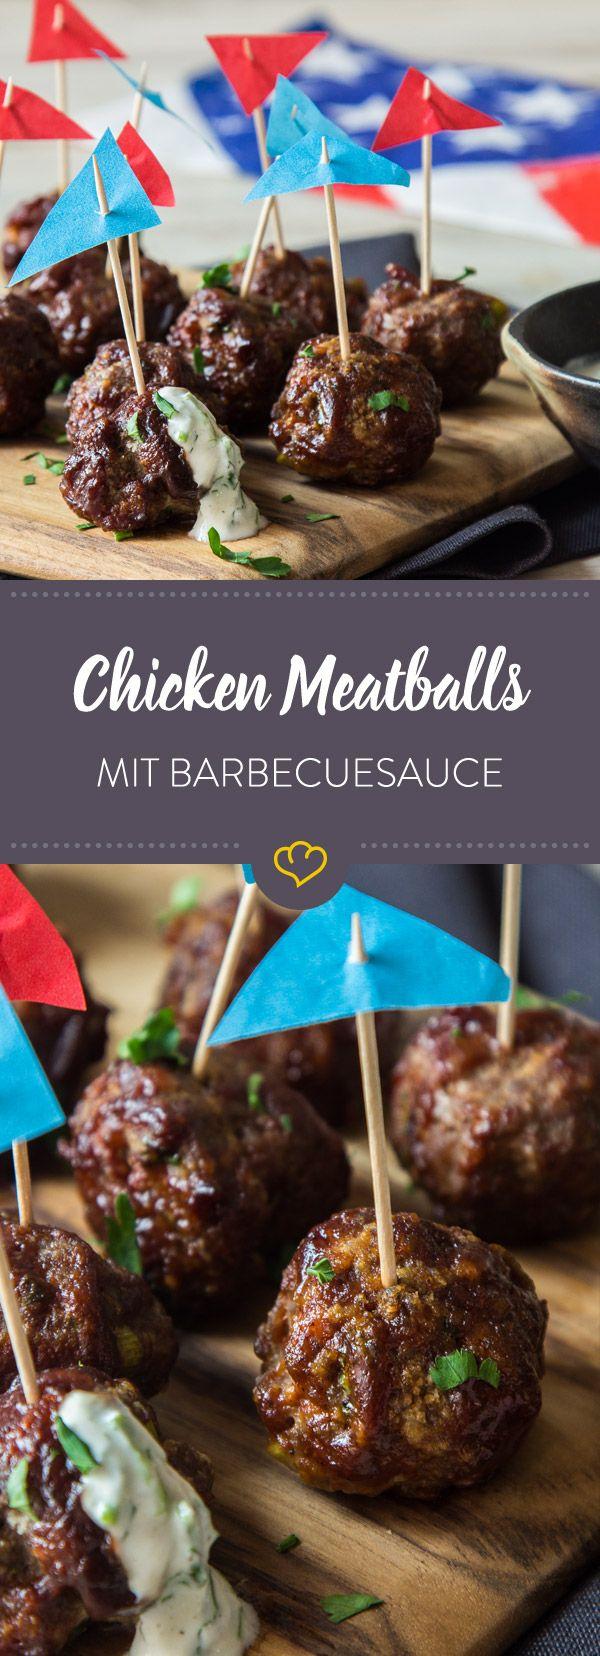 Bevor die Chicken Meatballs ein zweites Mal im Ofen gebacken werden, wendest du sie noch in rauchiger Barbecue Sauce. Dazu gibt's ein Dressing mit Kräutern.